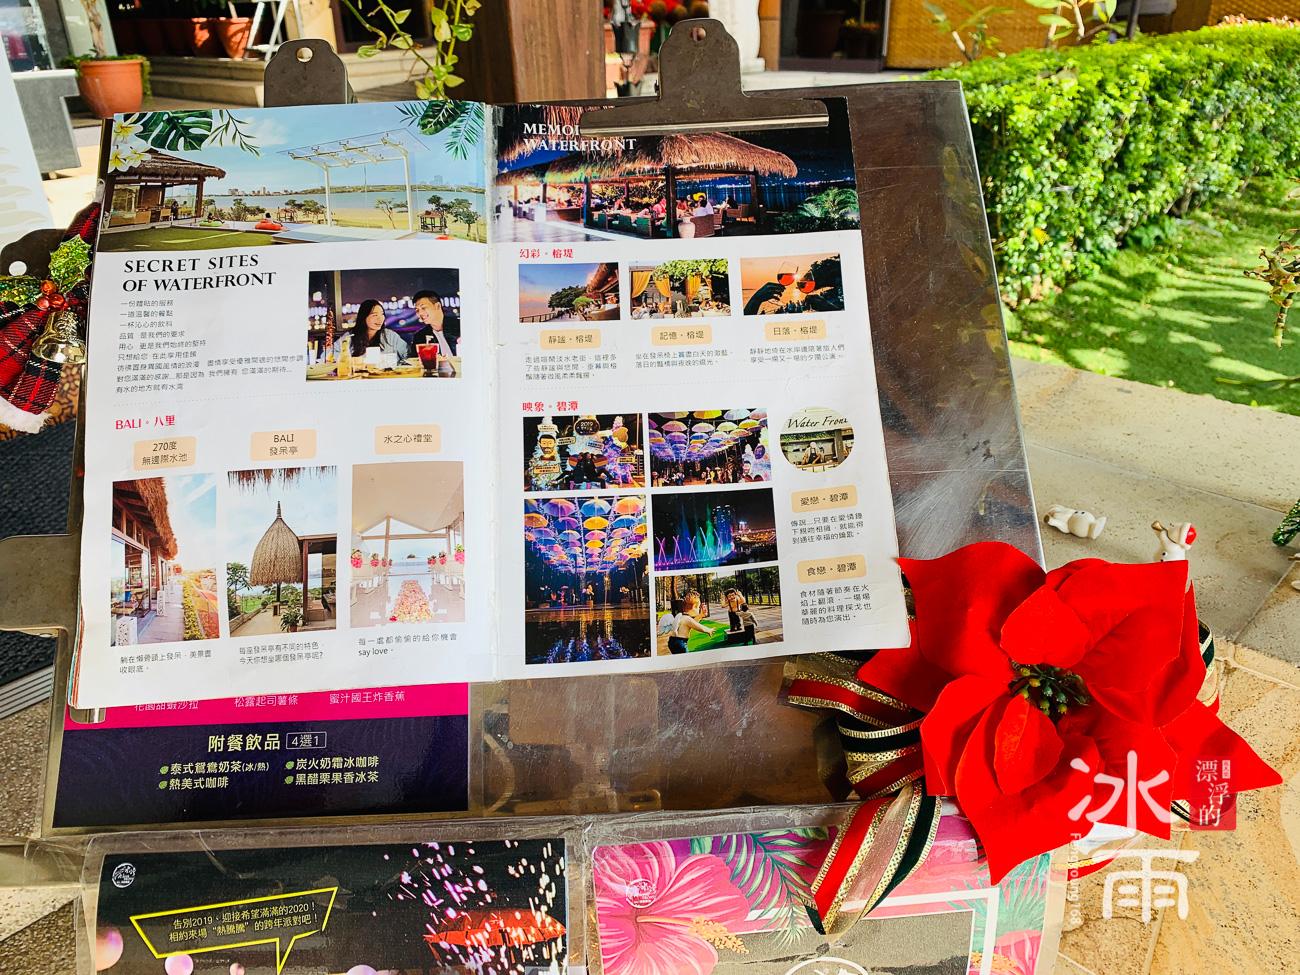 榕堤水灣景觀餐廳入口的菜單介紹